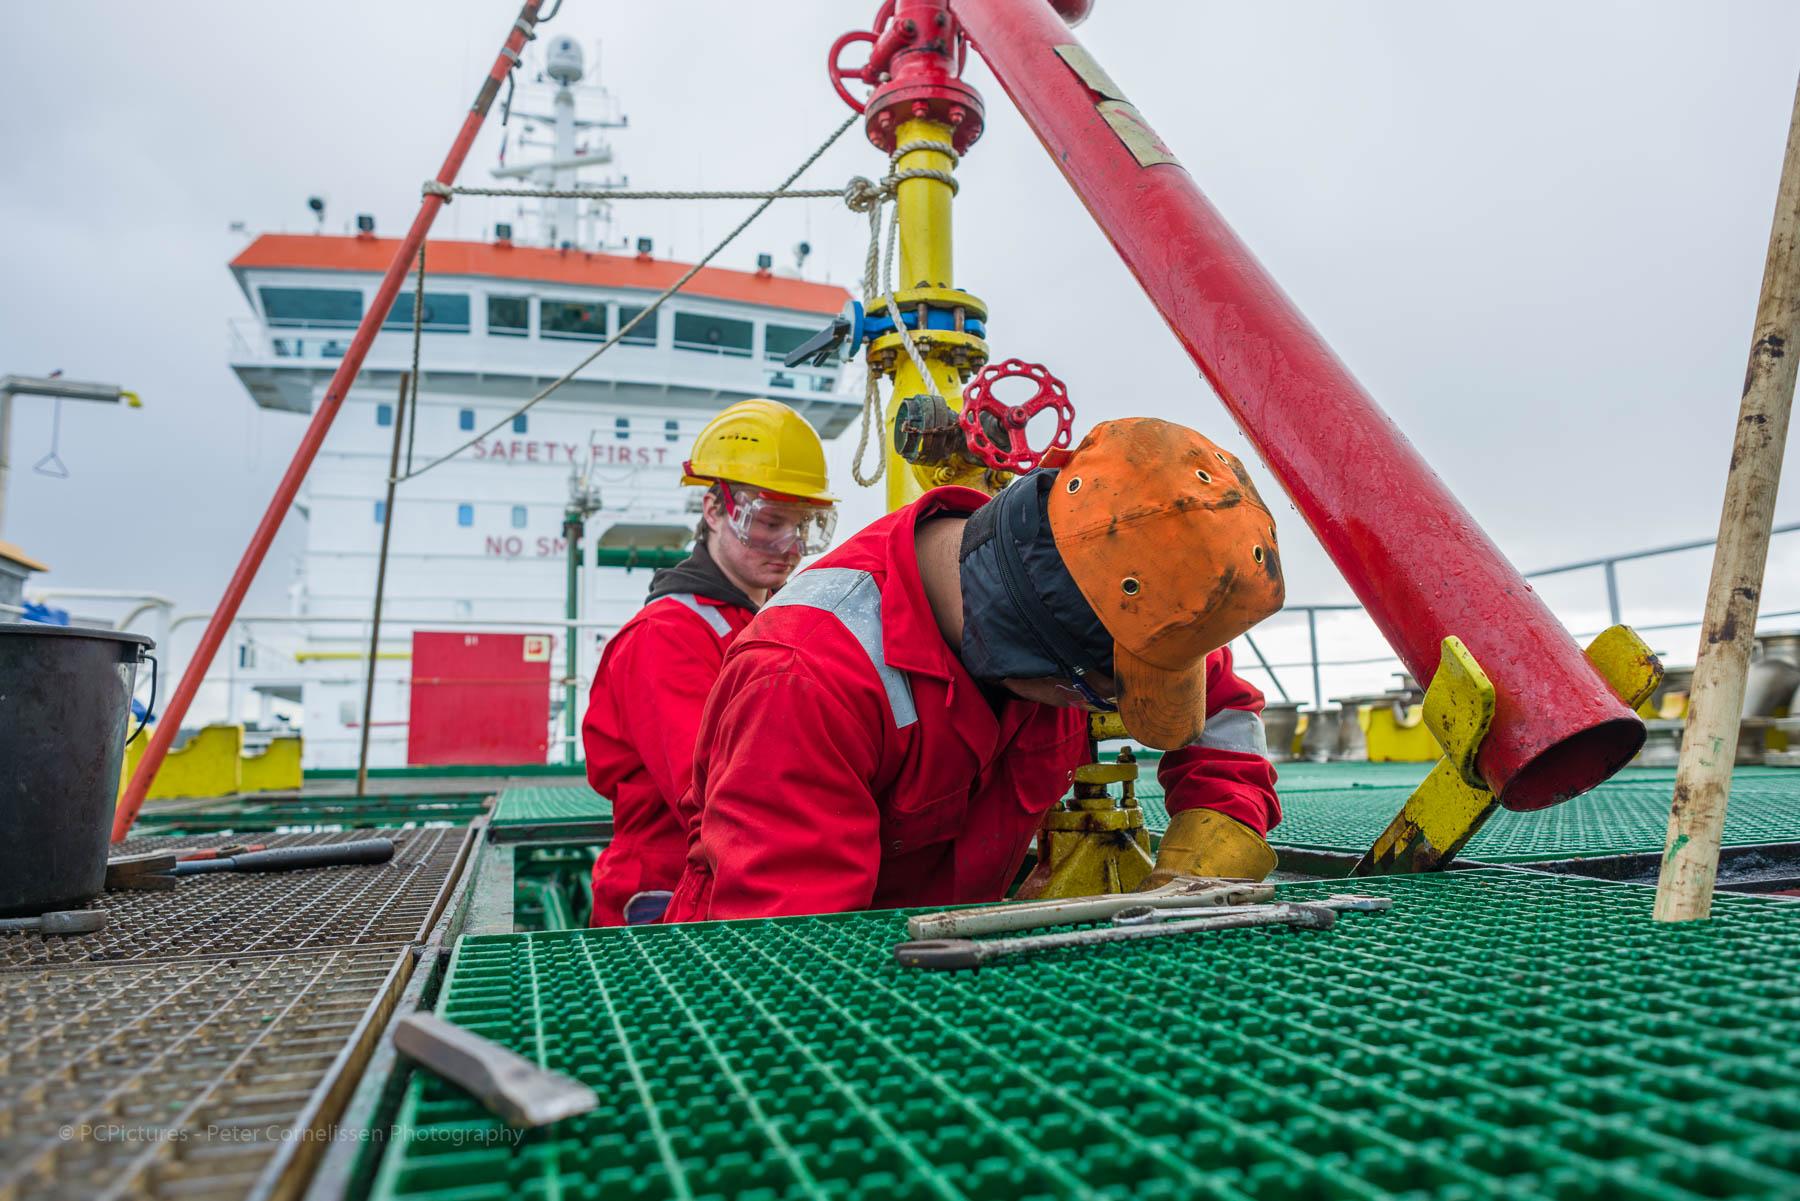 Bemanning, Crew, Harold Penalba, Jeffrey Hut, Mensen, People, Shipping, scheepvaart, zeevaart